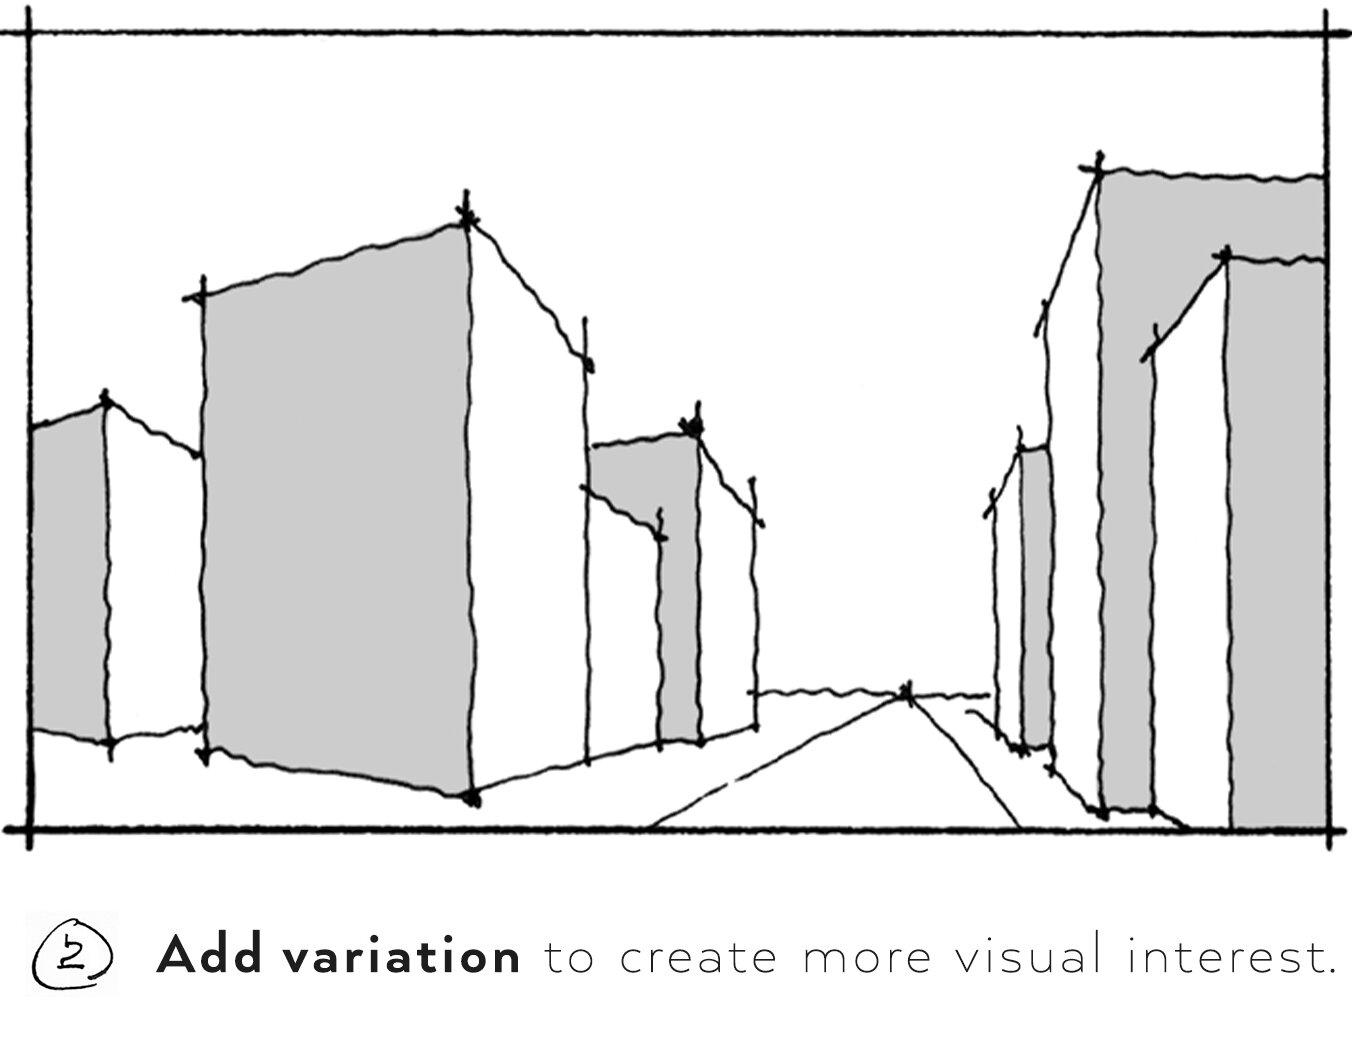 02_Add_Variation.jpg